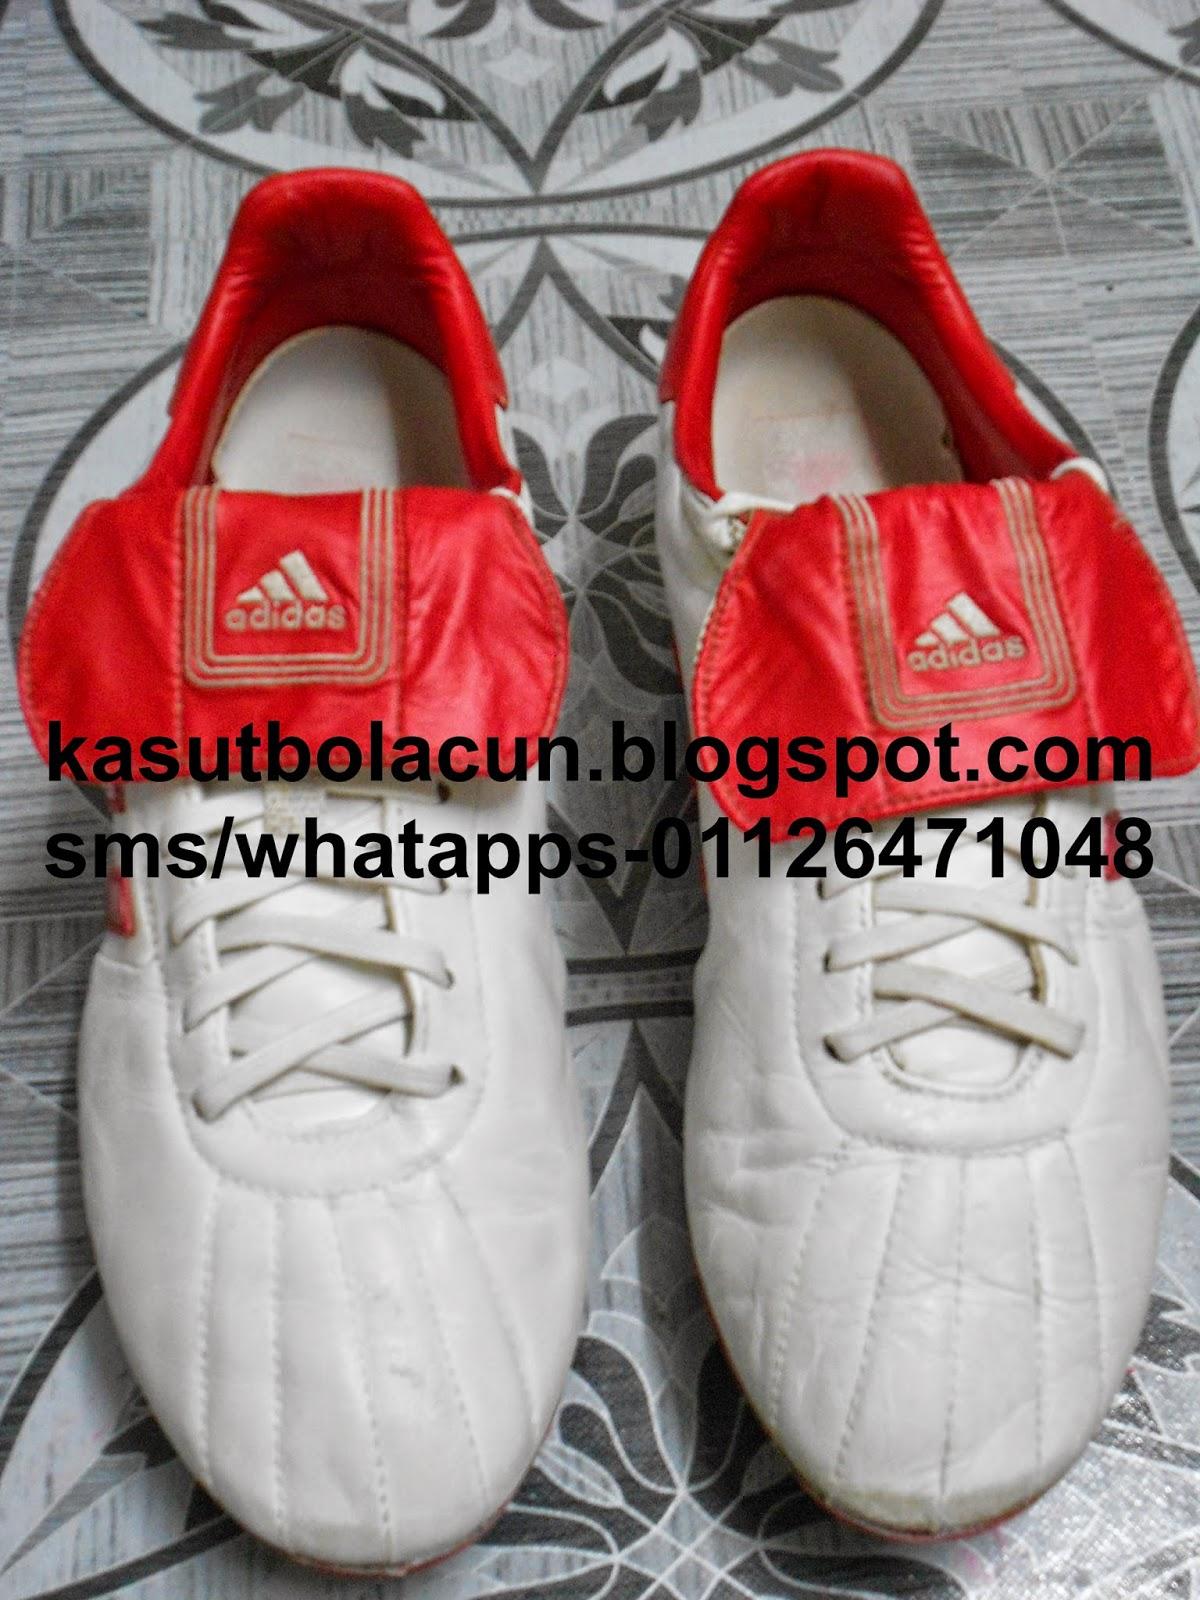 adidas 7406. Adidas 7406 SG